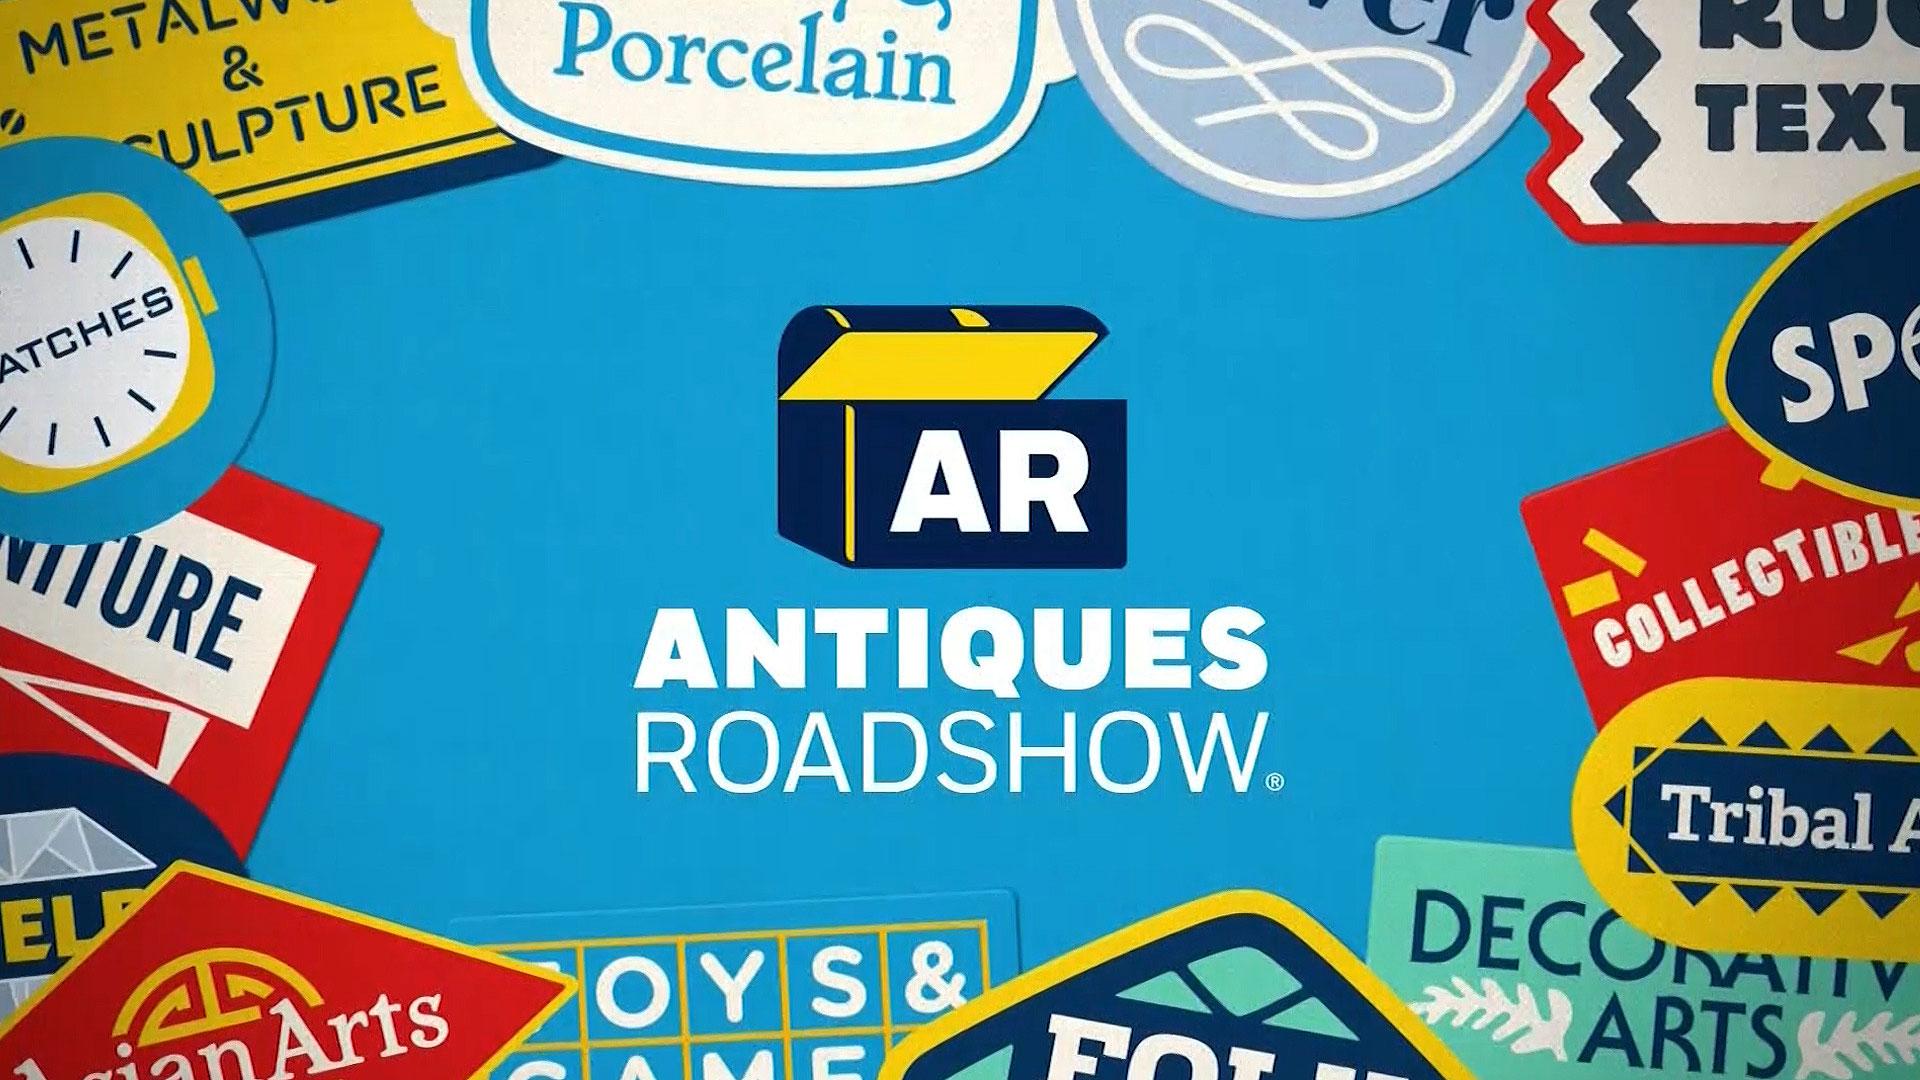 Antiques Roadshow to Visit St. Louis